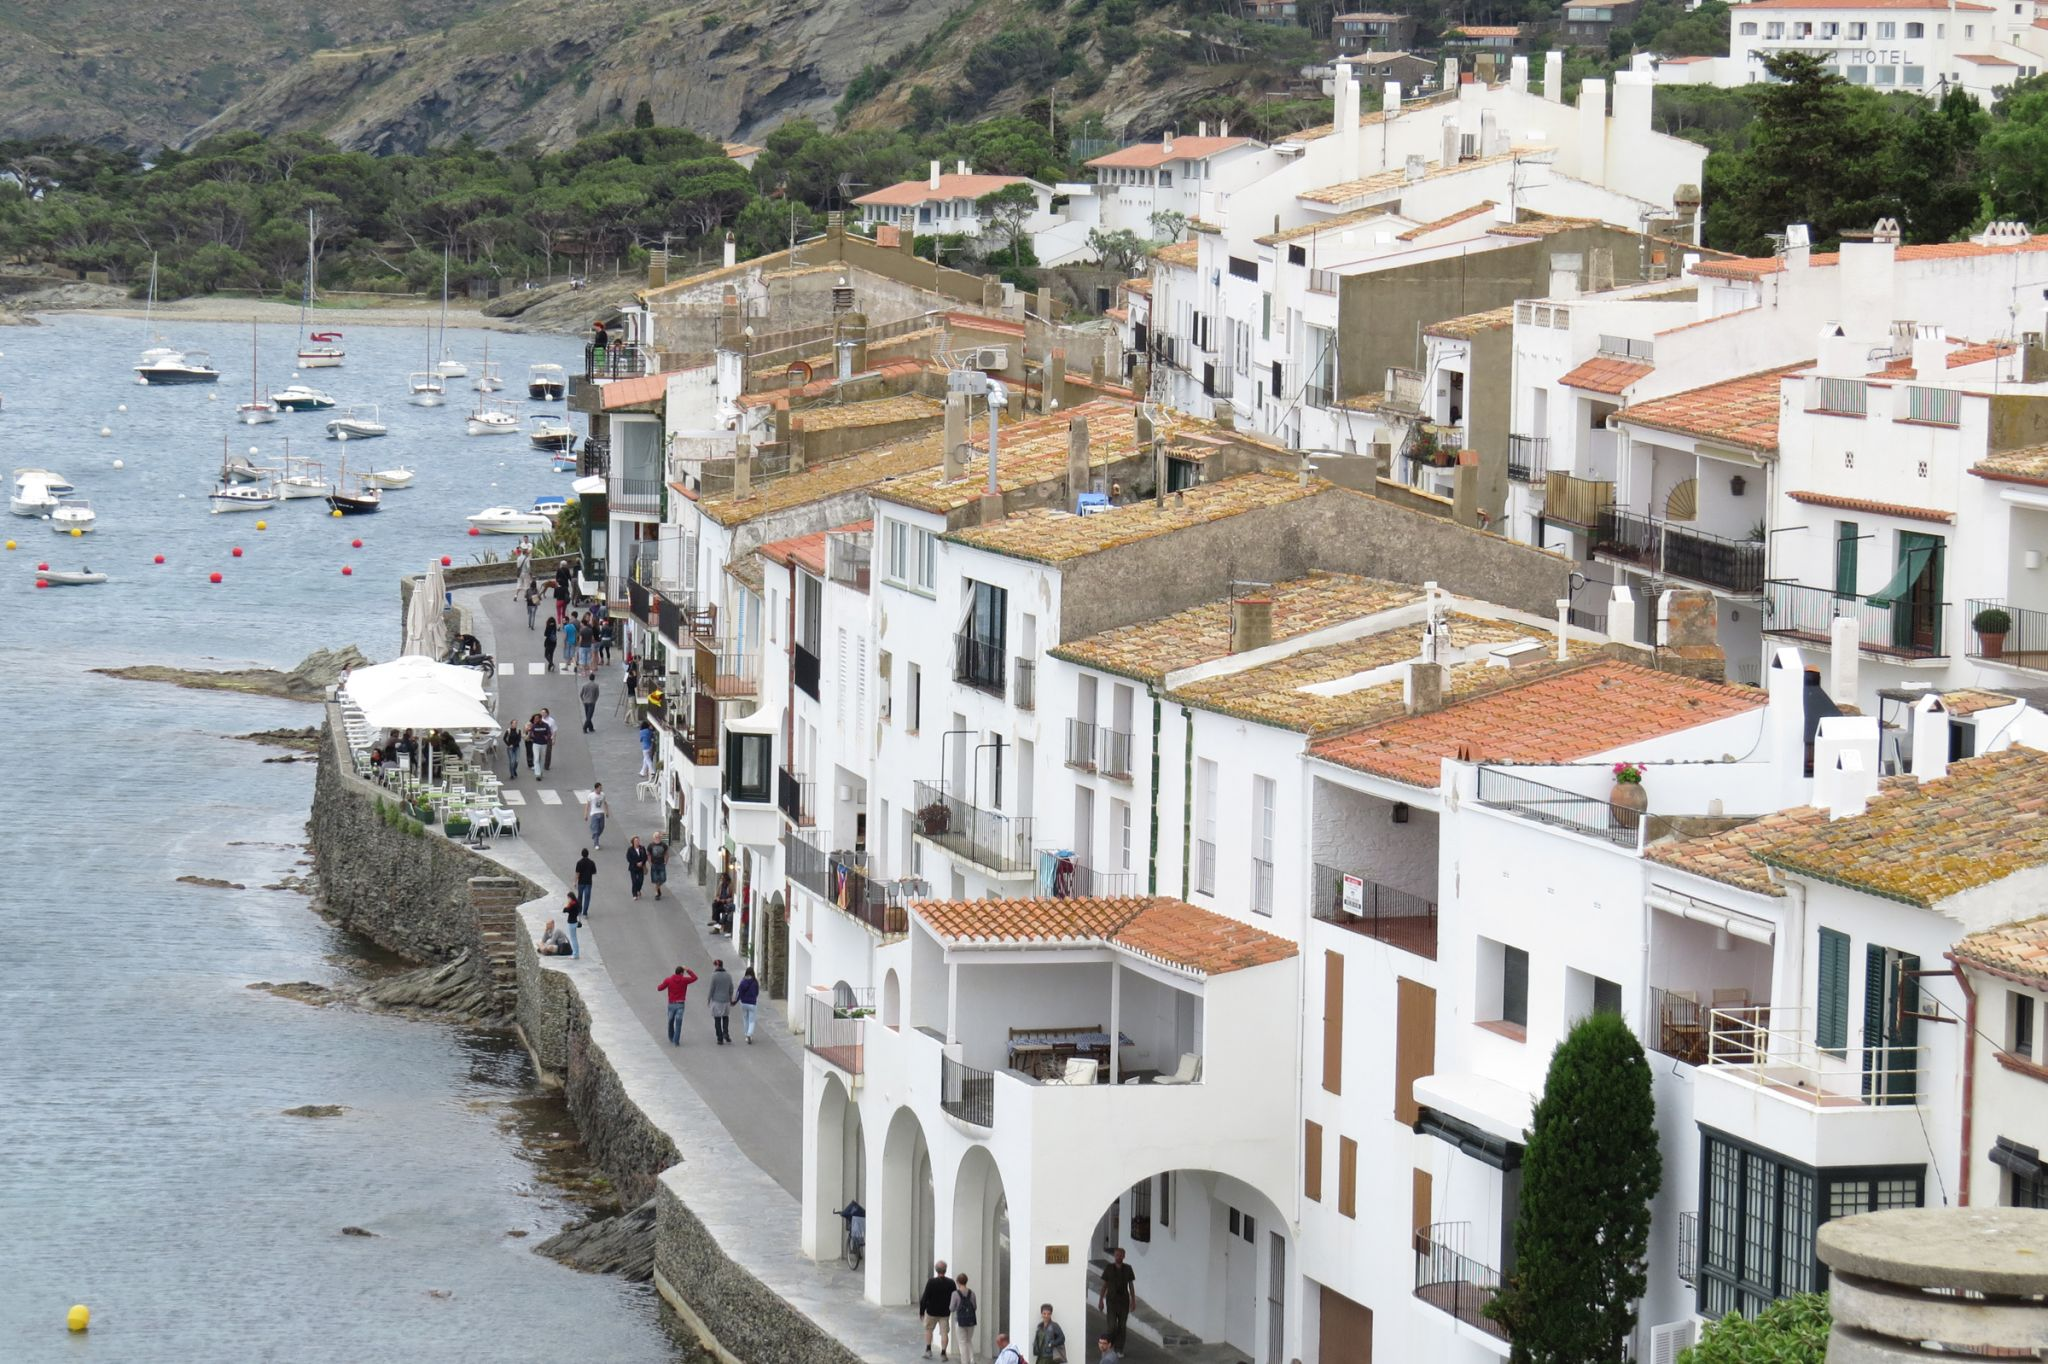 Cadaques, Spain, Spain